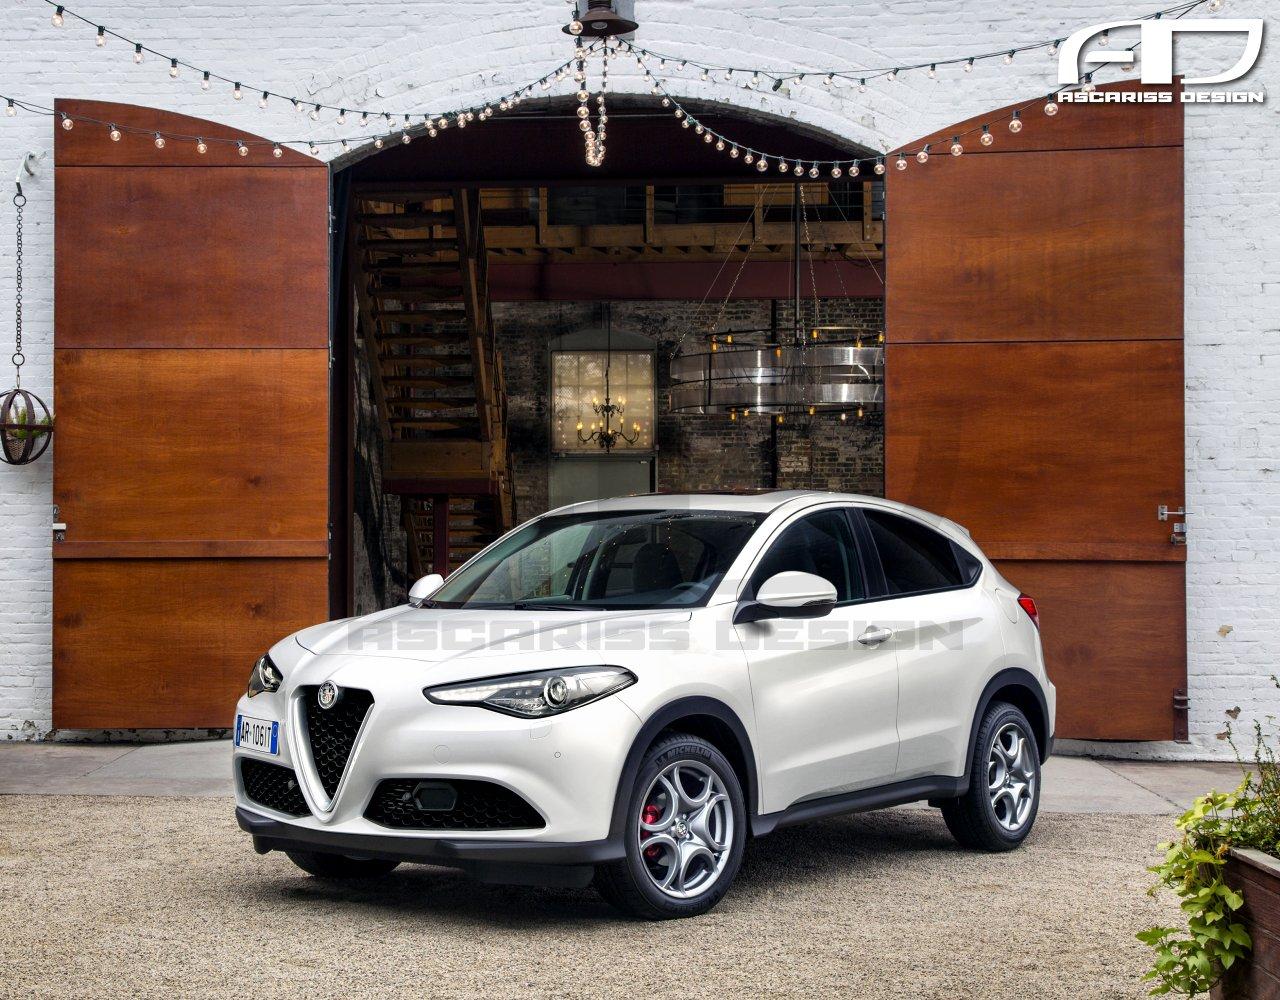 Alfa Romeo Small Crossover Concept